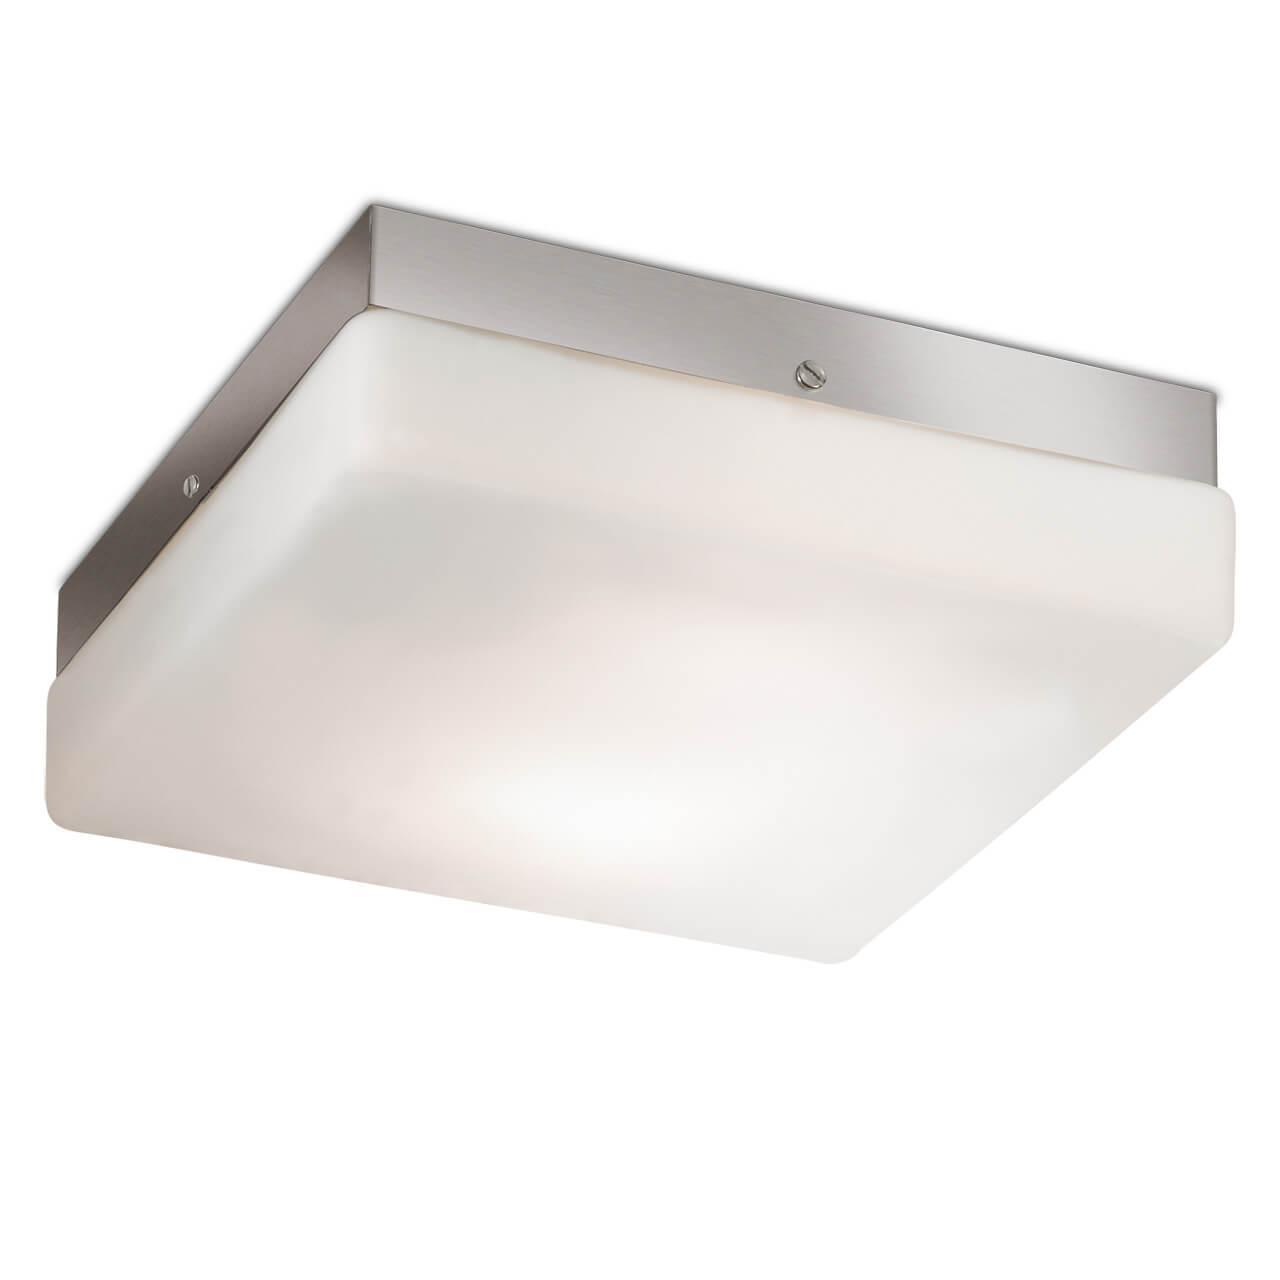 Накладной светильник Odeon Light 2406/1C, E14, 60 Вт